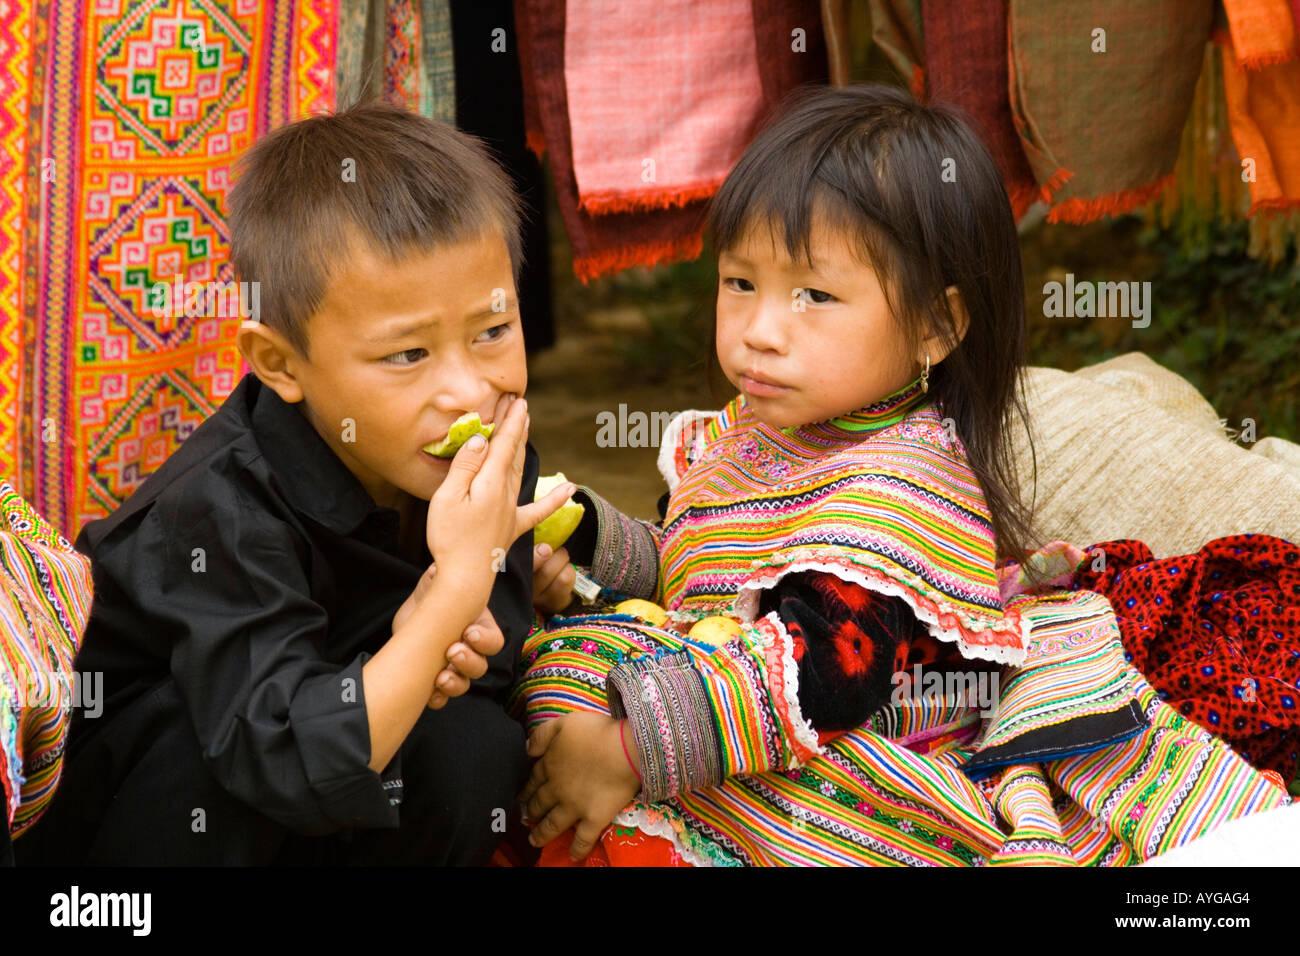 Flower Hmong Children Eating Fruit Bac Ha Market near Sapa Vietnam Stock Photo